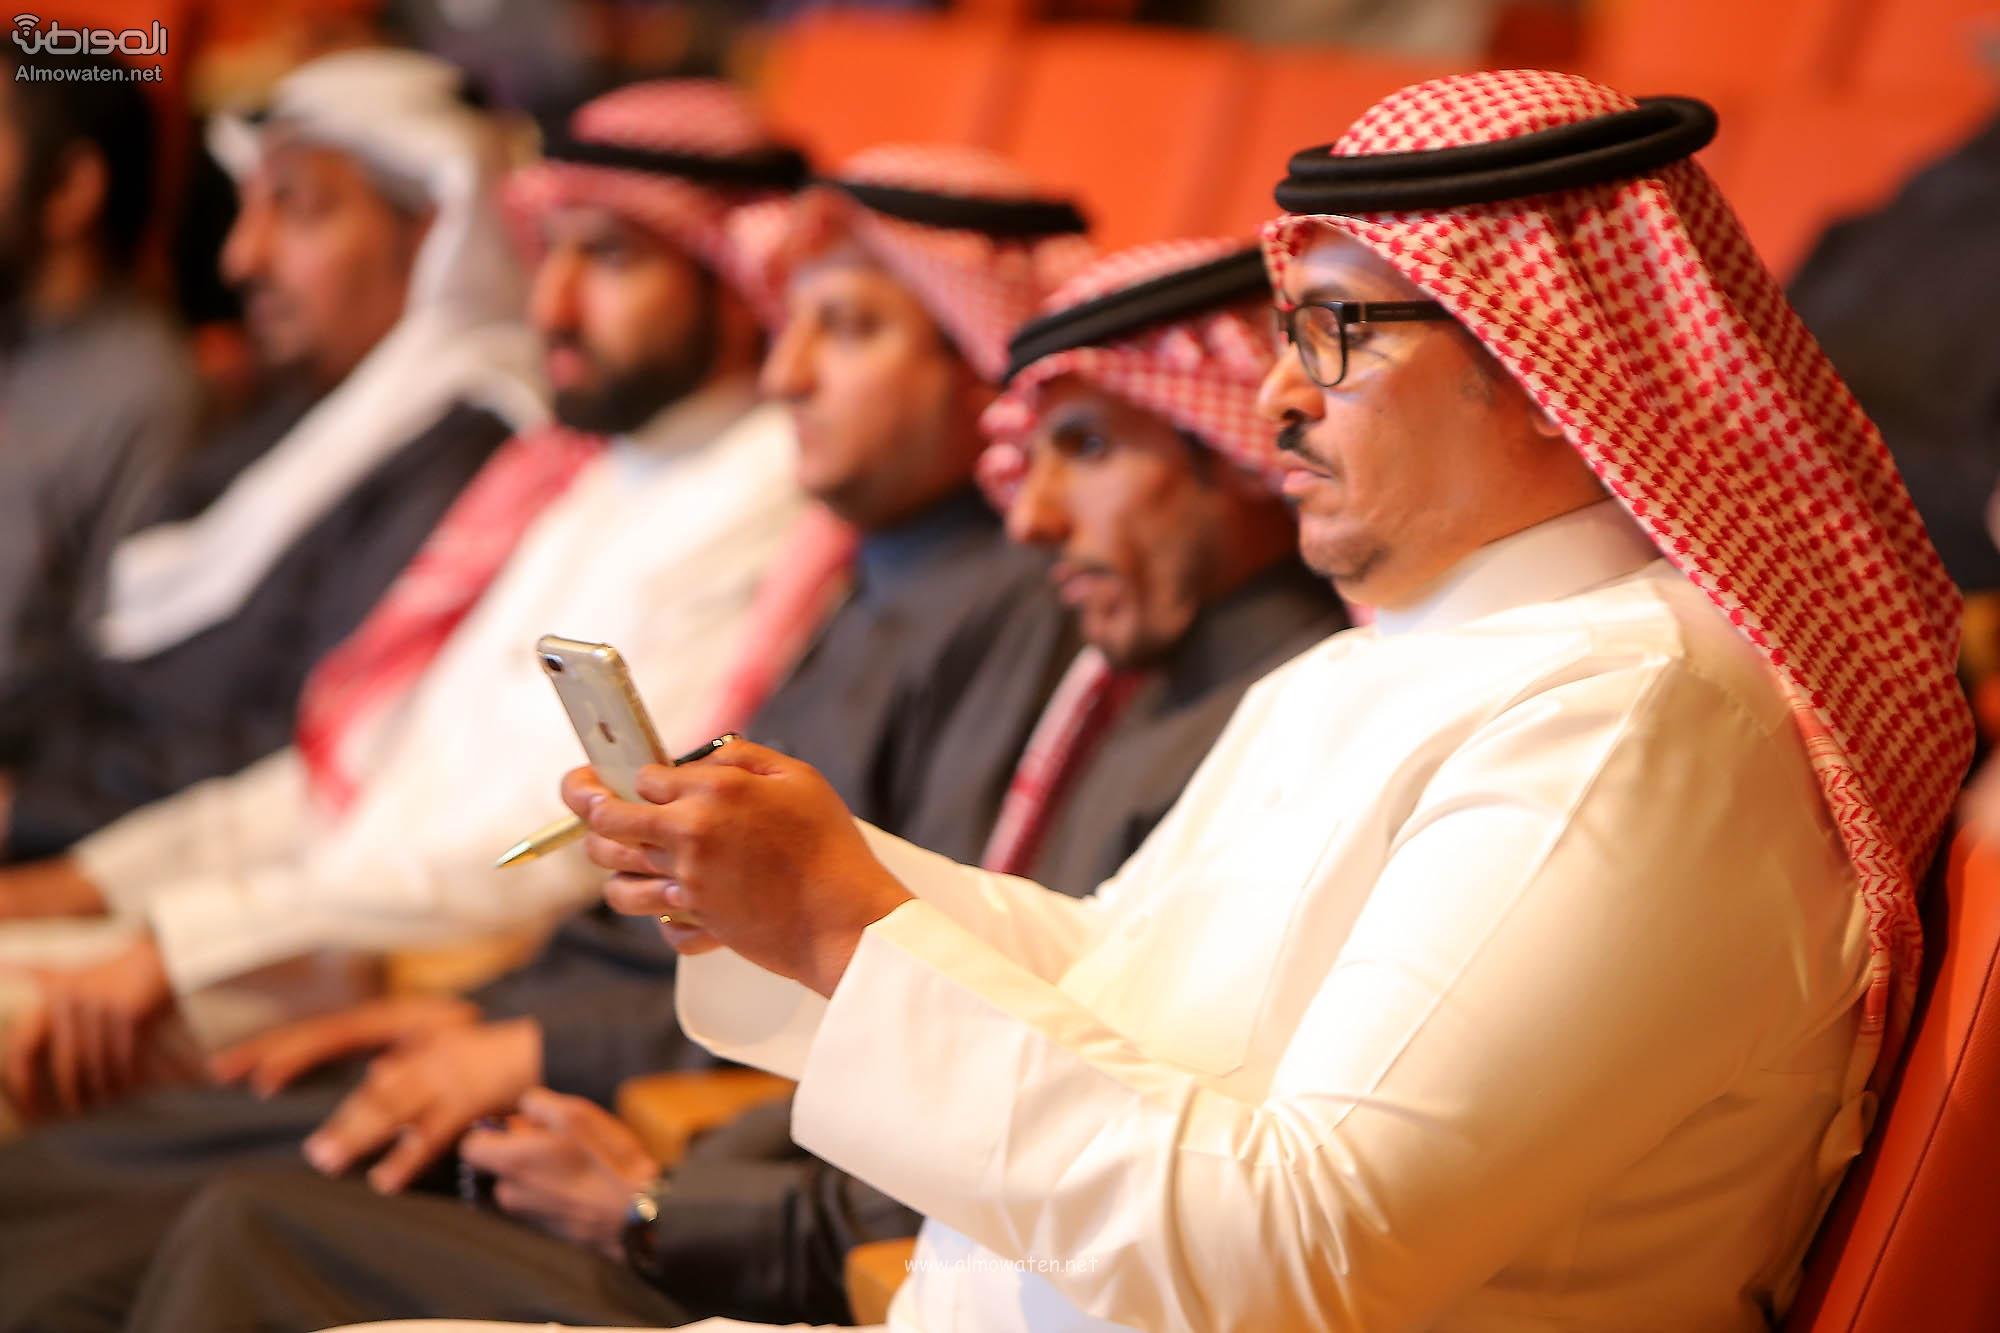 """مؤتمر حساب المواطن يستقطب حضورًا إعلاميًا كثيفًا وثقته """"المواطن"""" بالصور - المواطن"""